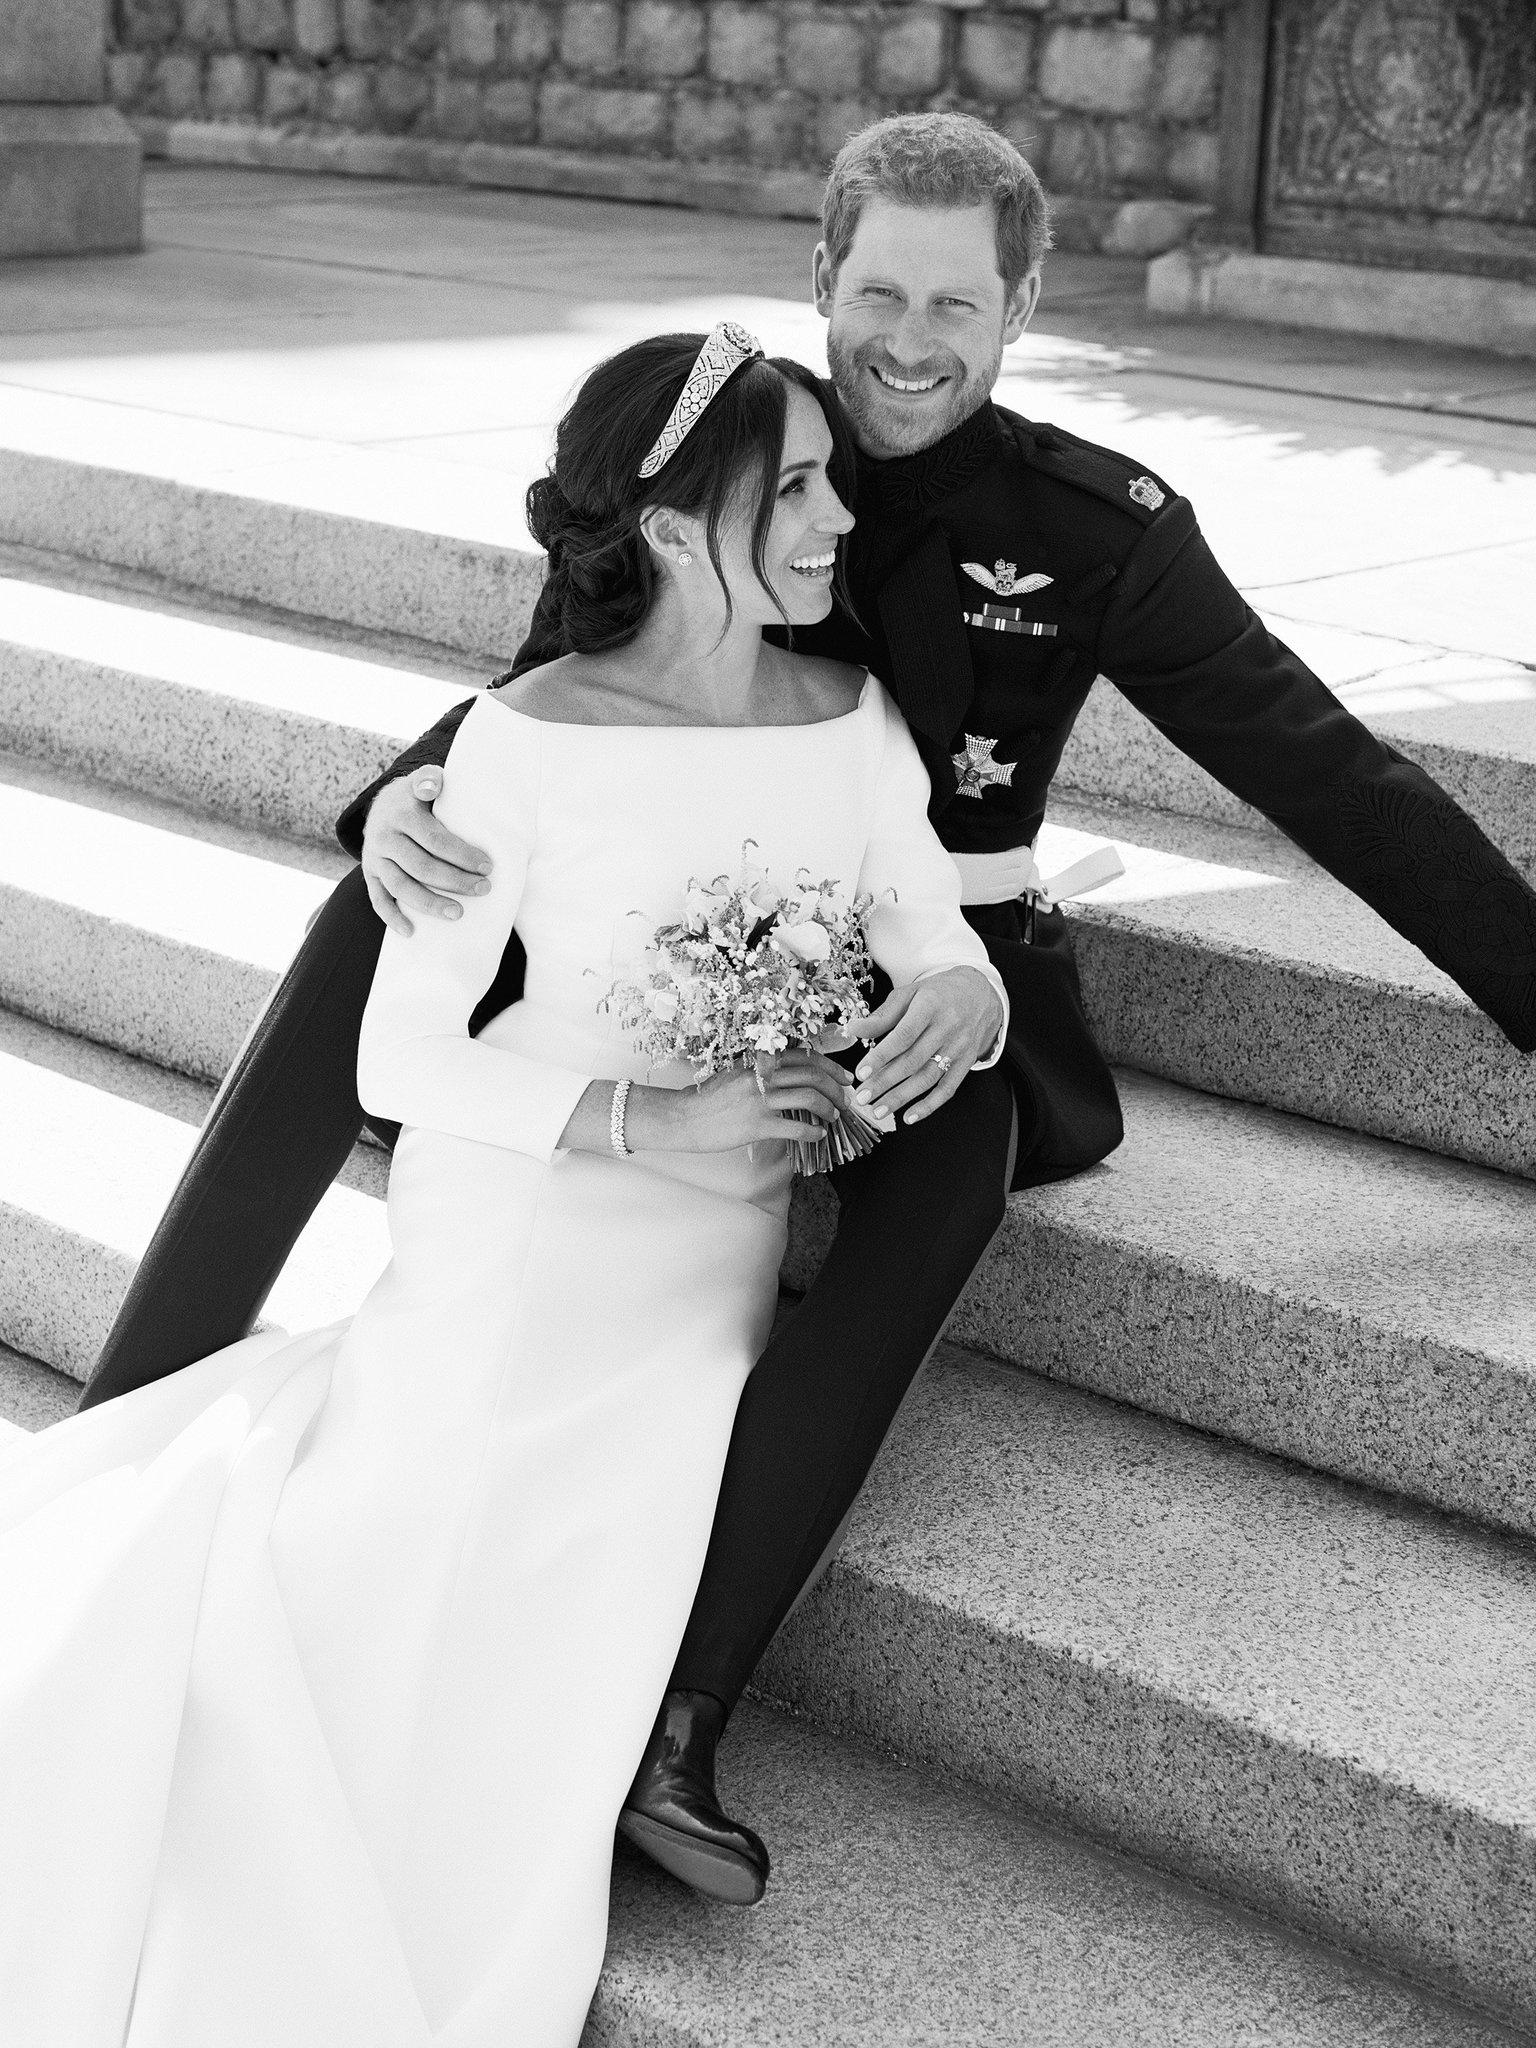 Gratulacje dla księcia Harry'ego i księżnej Meghan z okazji ich ślubu!